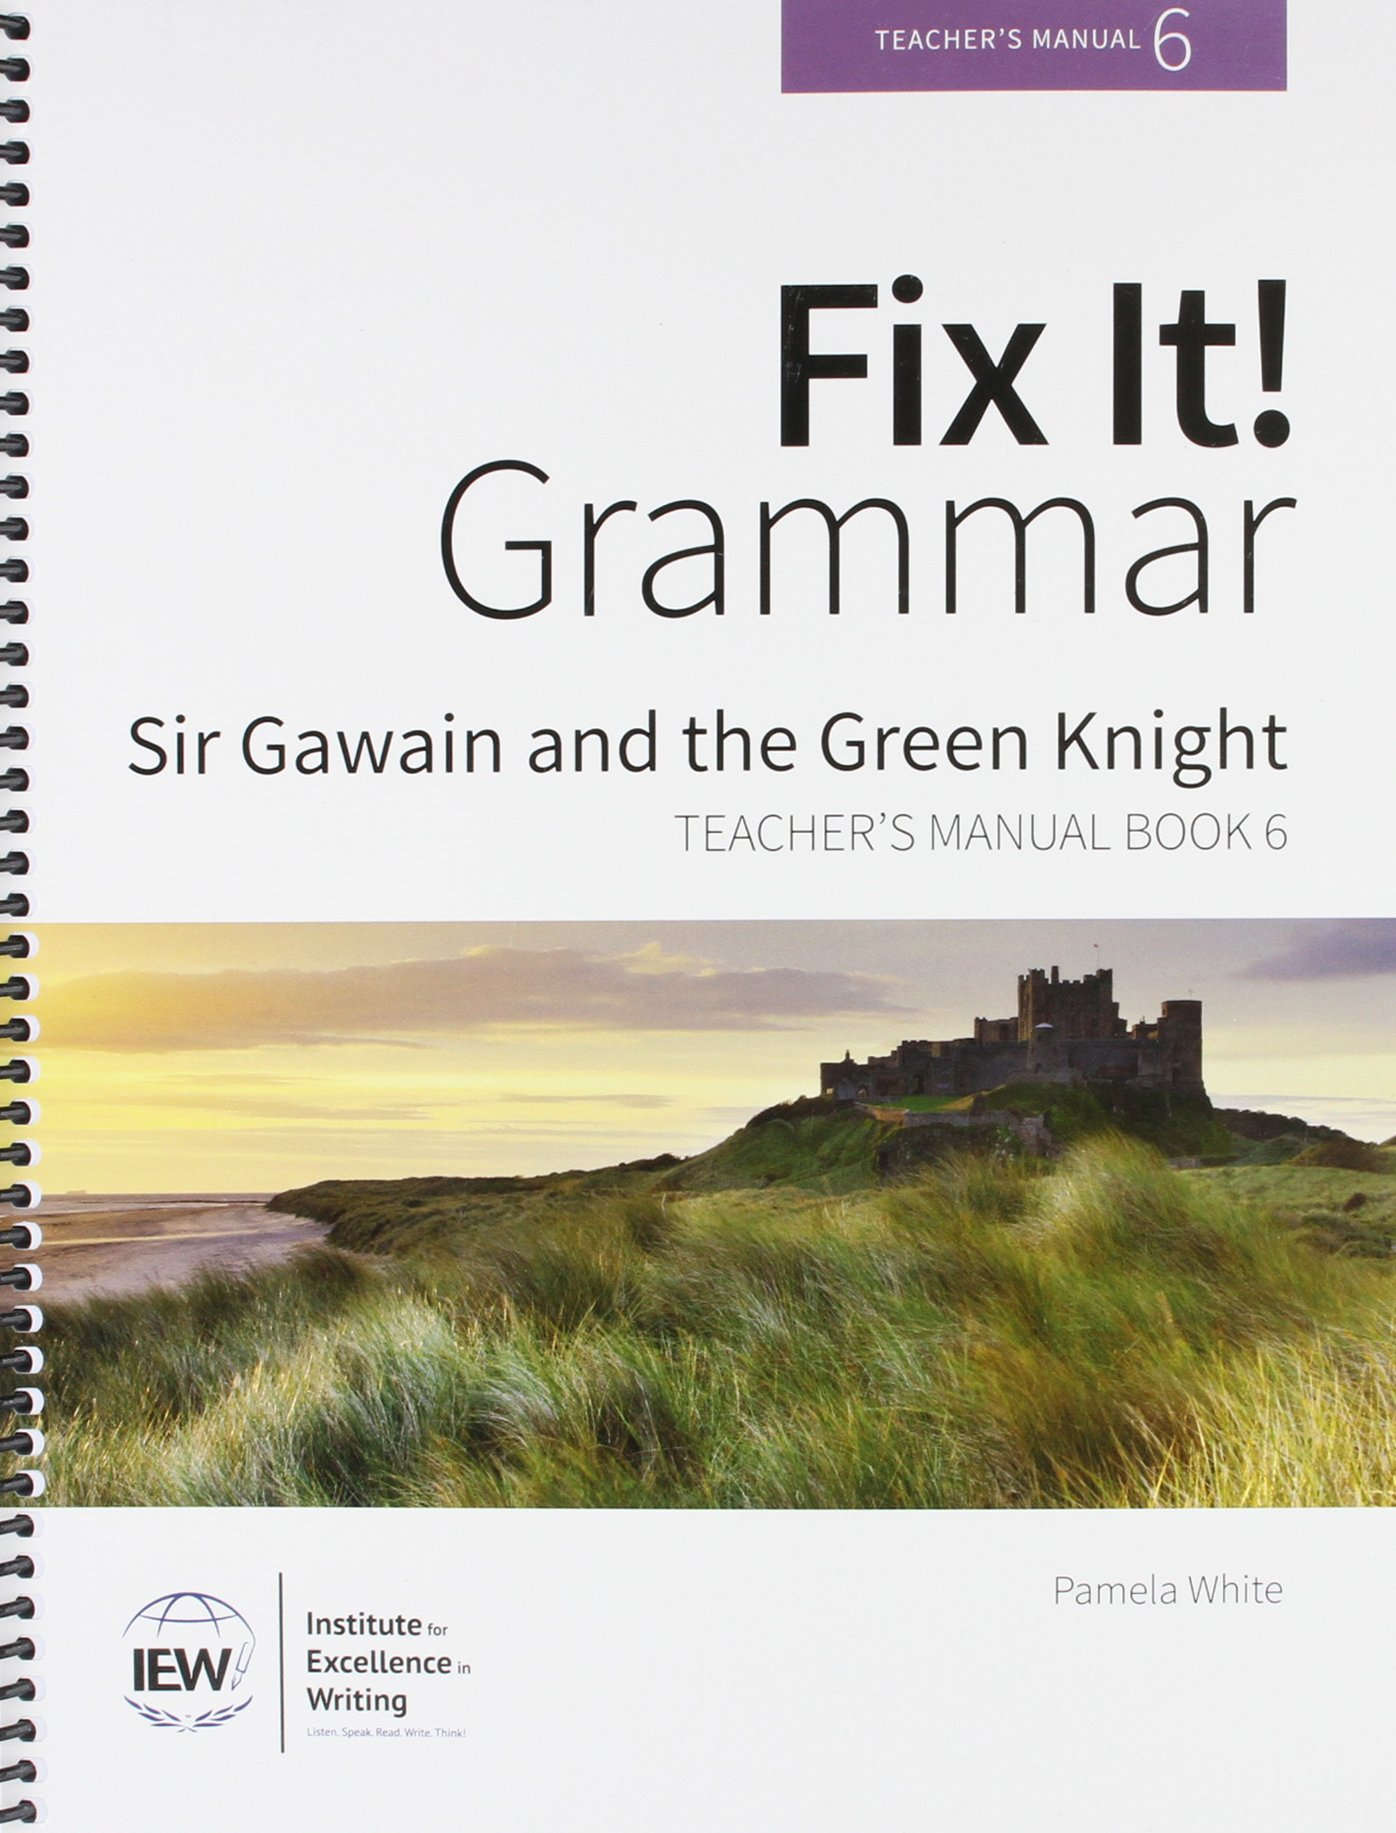 Fix It! Grammar: Sir Gawain and the Green Knight [Teacher's Manual Book 6] pdf